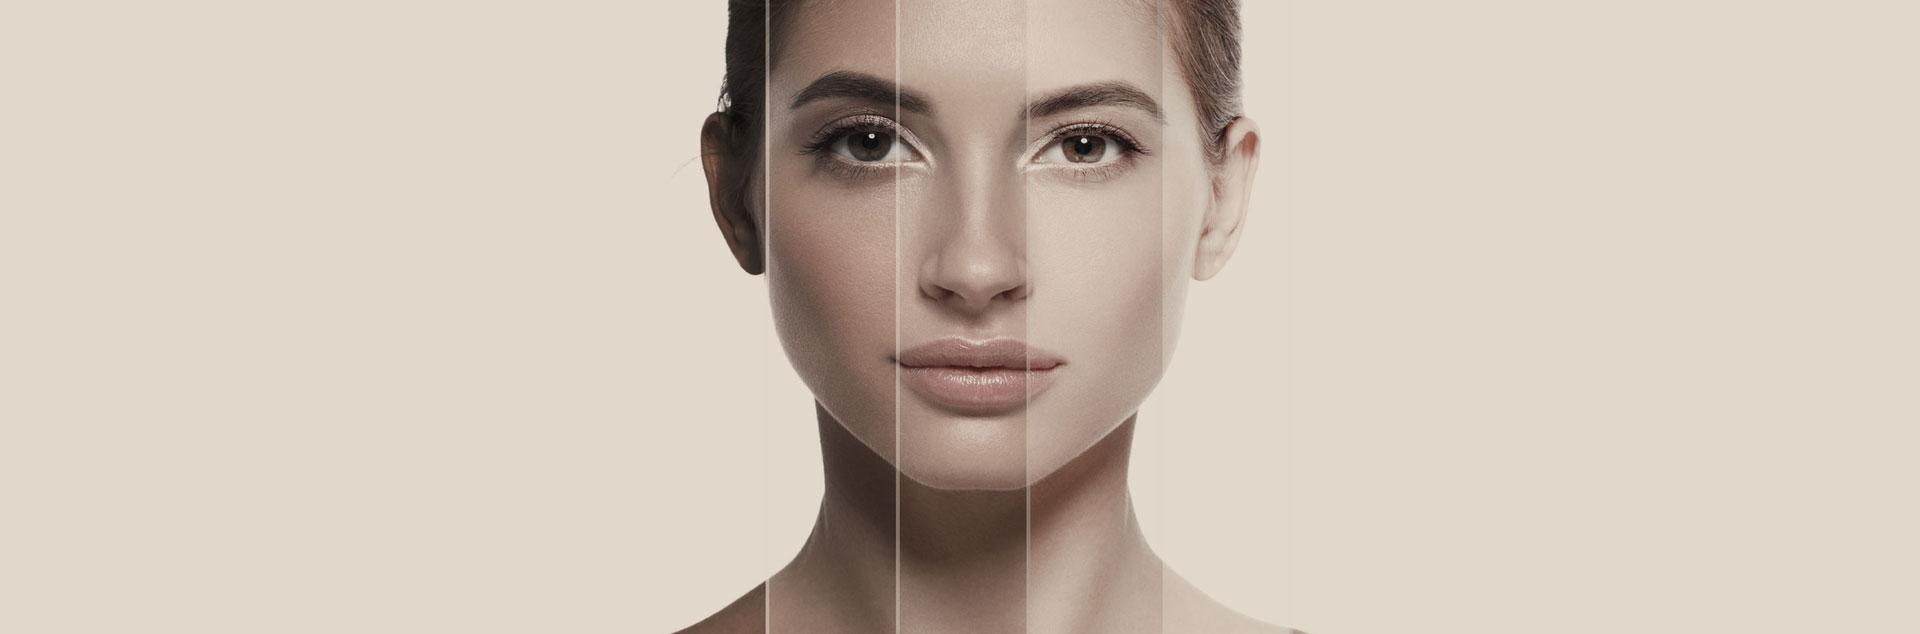 Trattamenti dermatologici del centro medico Doctor Charme